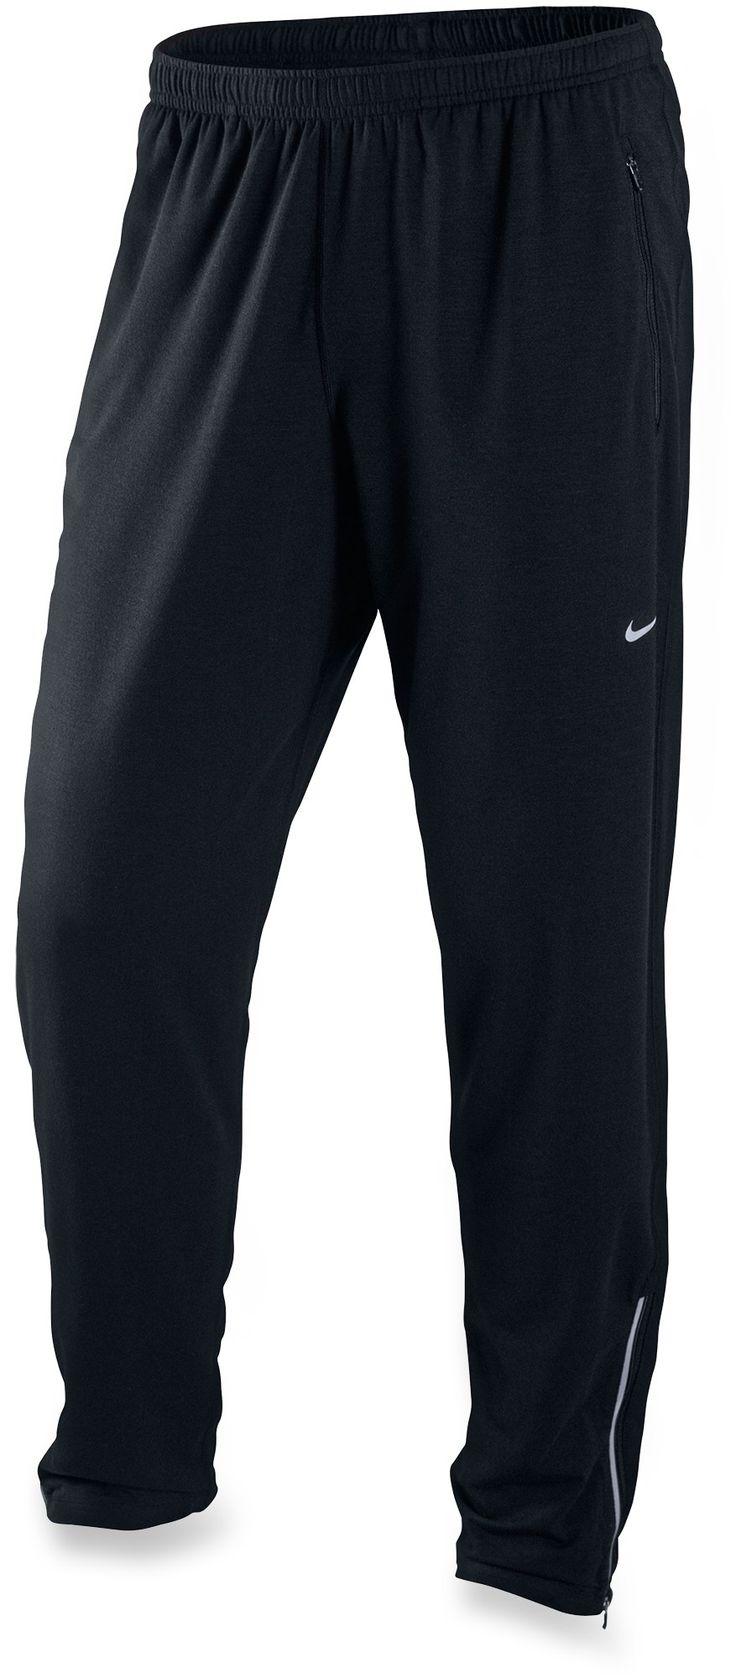 black sweatpants outfit men - photo #18